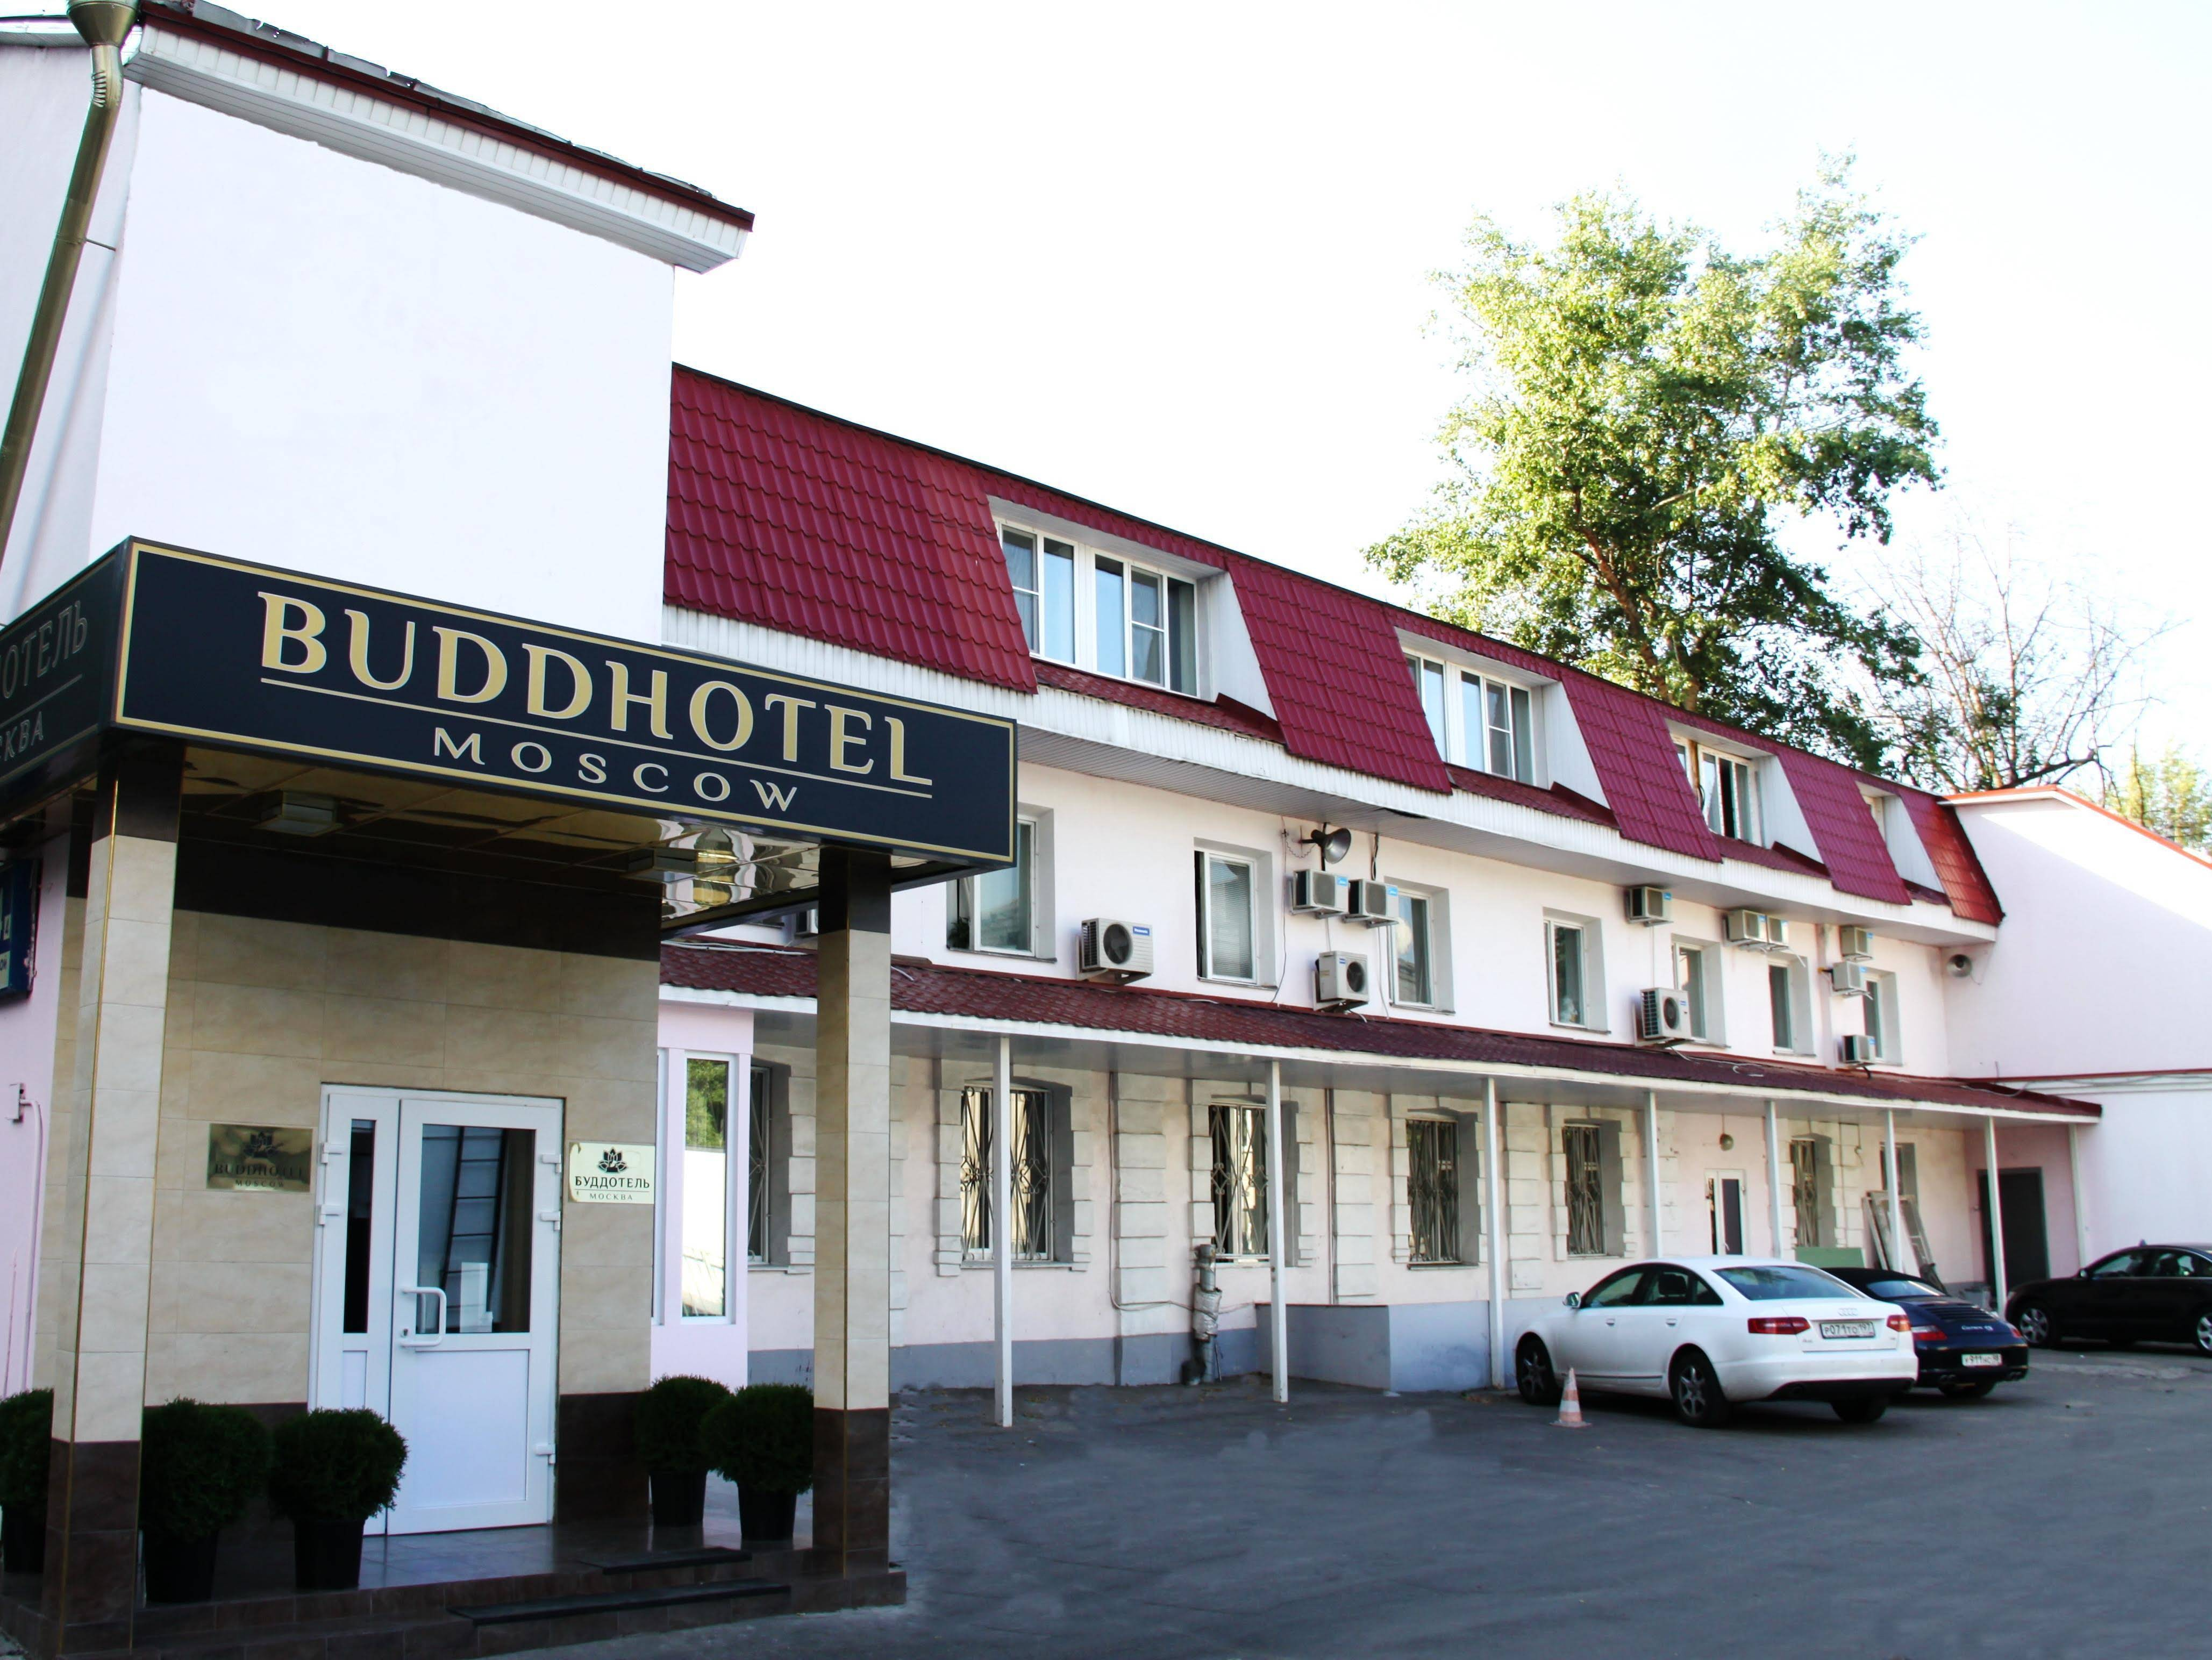 BuddHotel